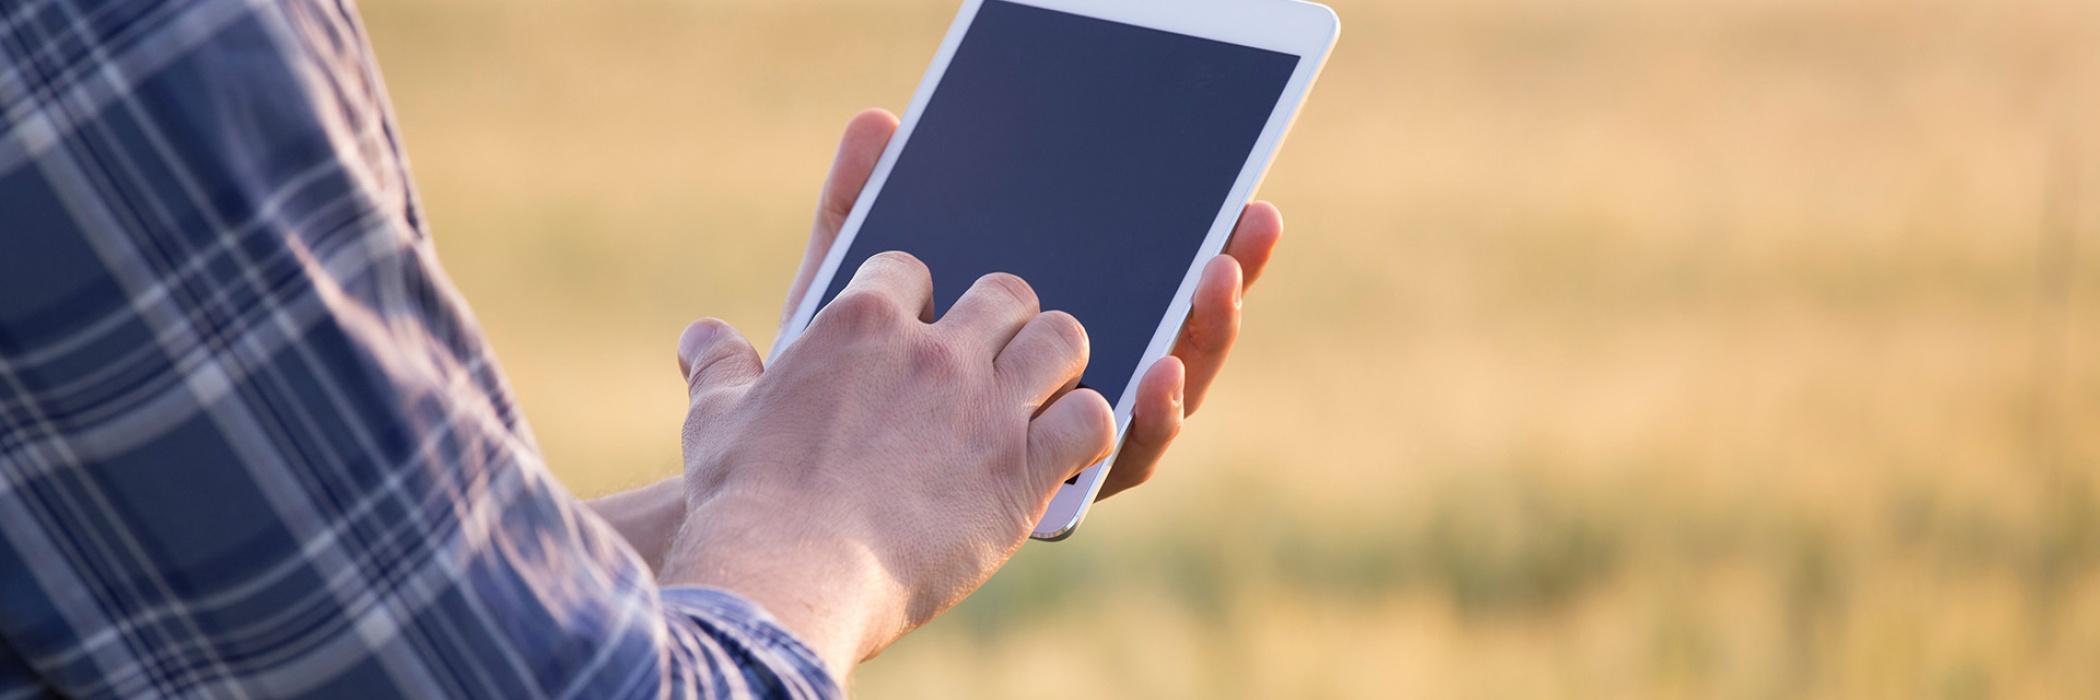 contadino con tablet